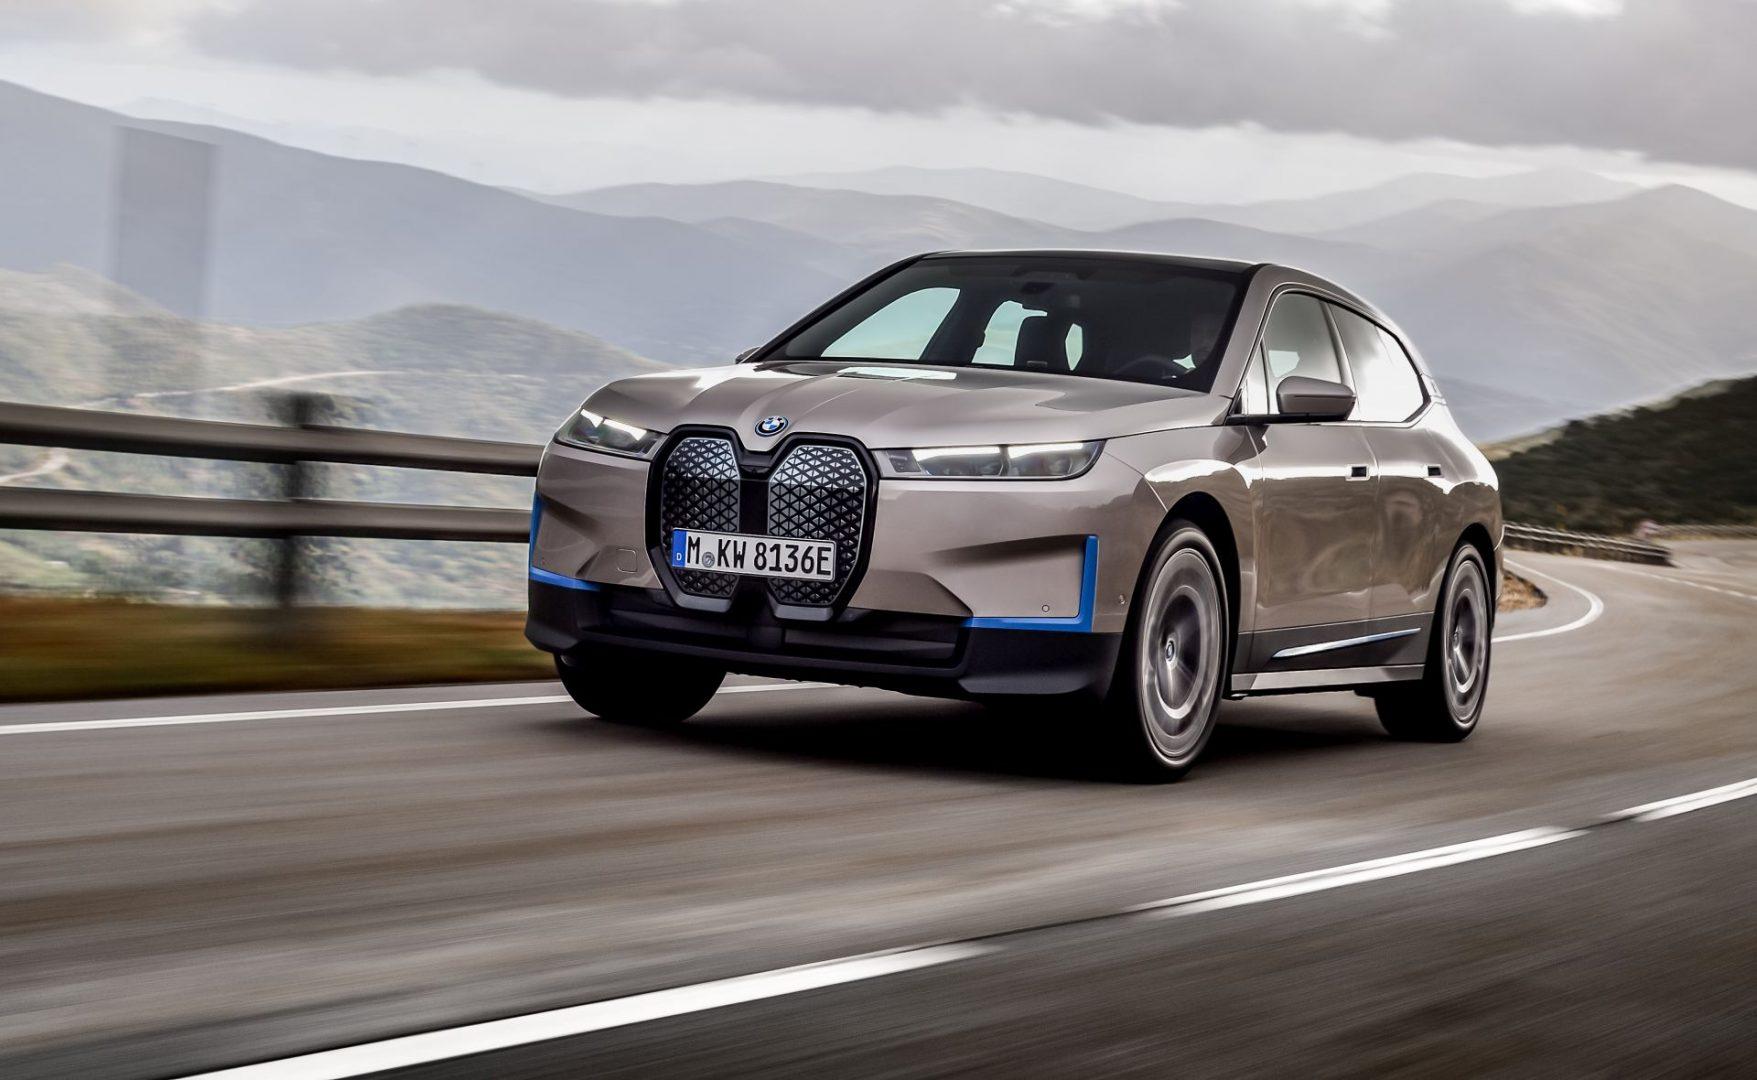 BMW predstavlja novi električni SUV iX s dosegom od preko 600 km!